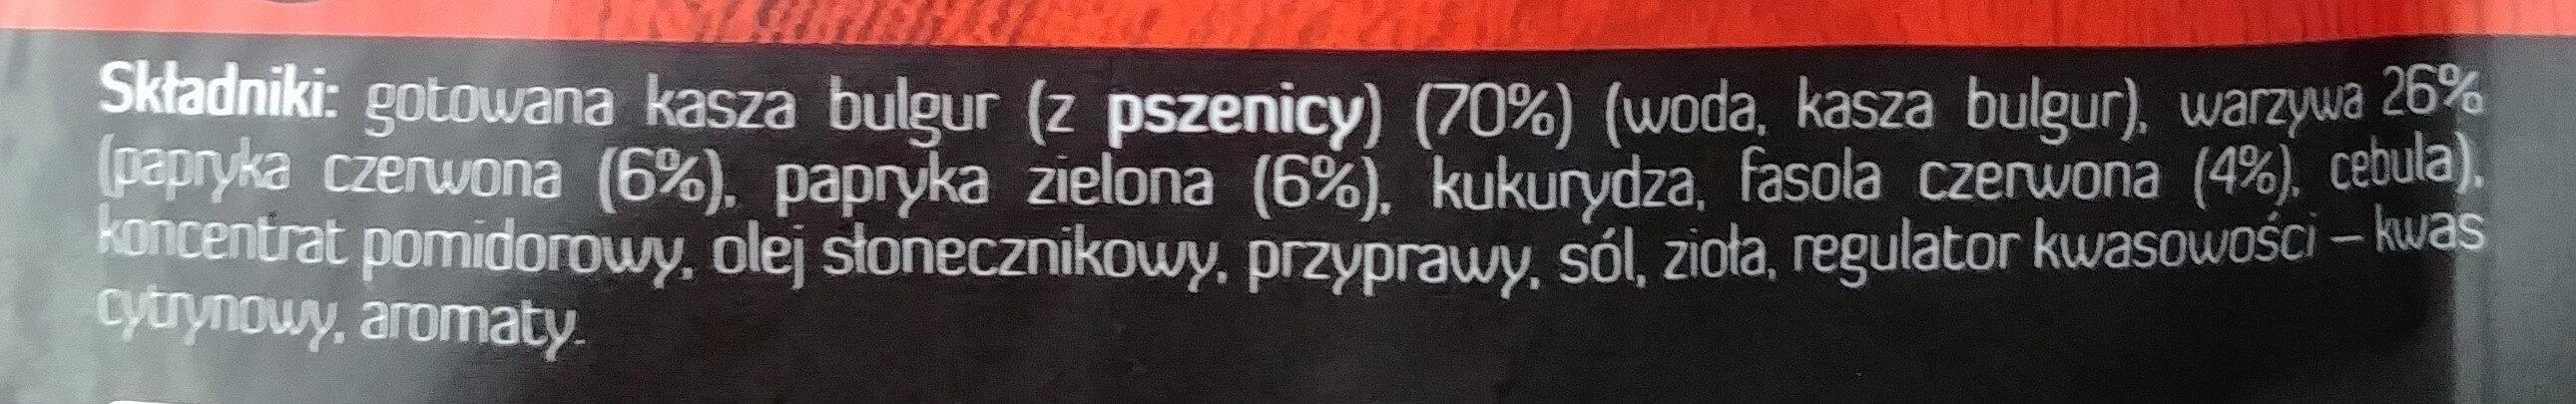 Kasza bulgur z papryką i czerwoną fasolą - Ingredients - pl